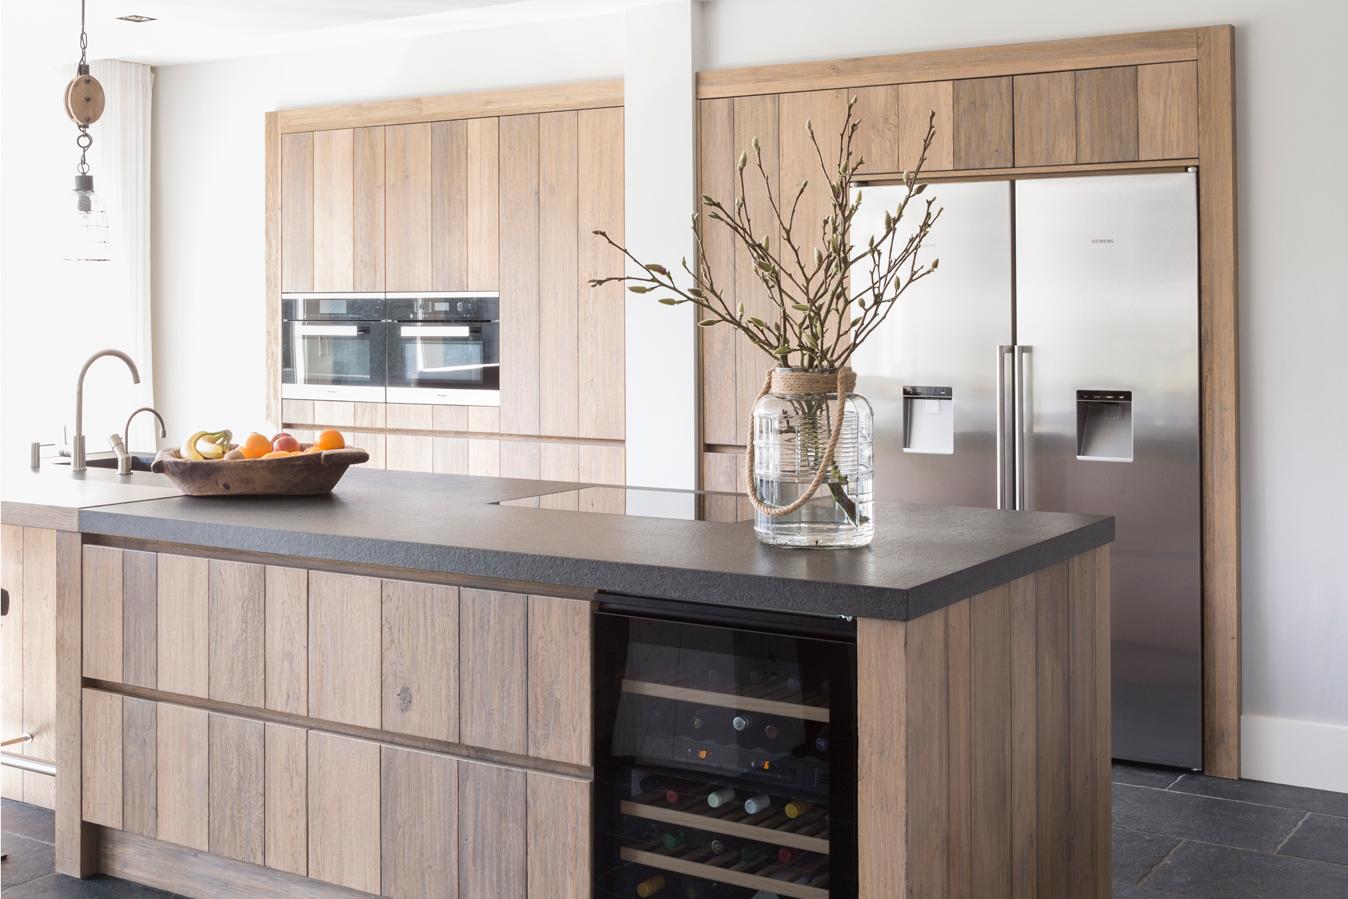 Open Keuken Inspiratie : Woonkeuken inspiratie good keuken nieuwbouw open mooie open